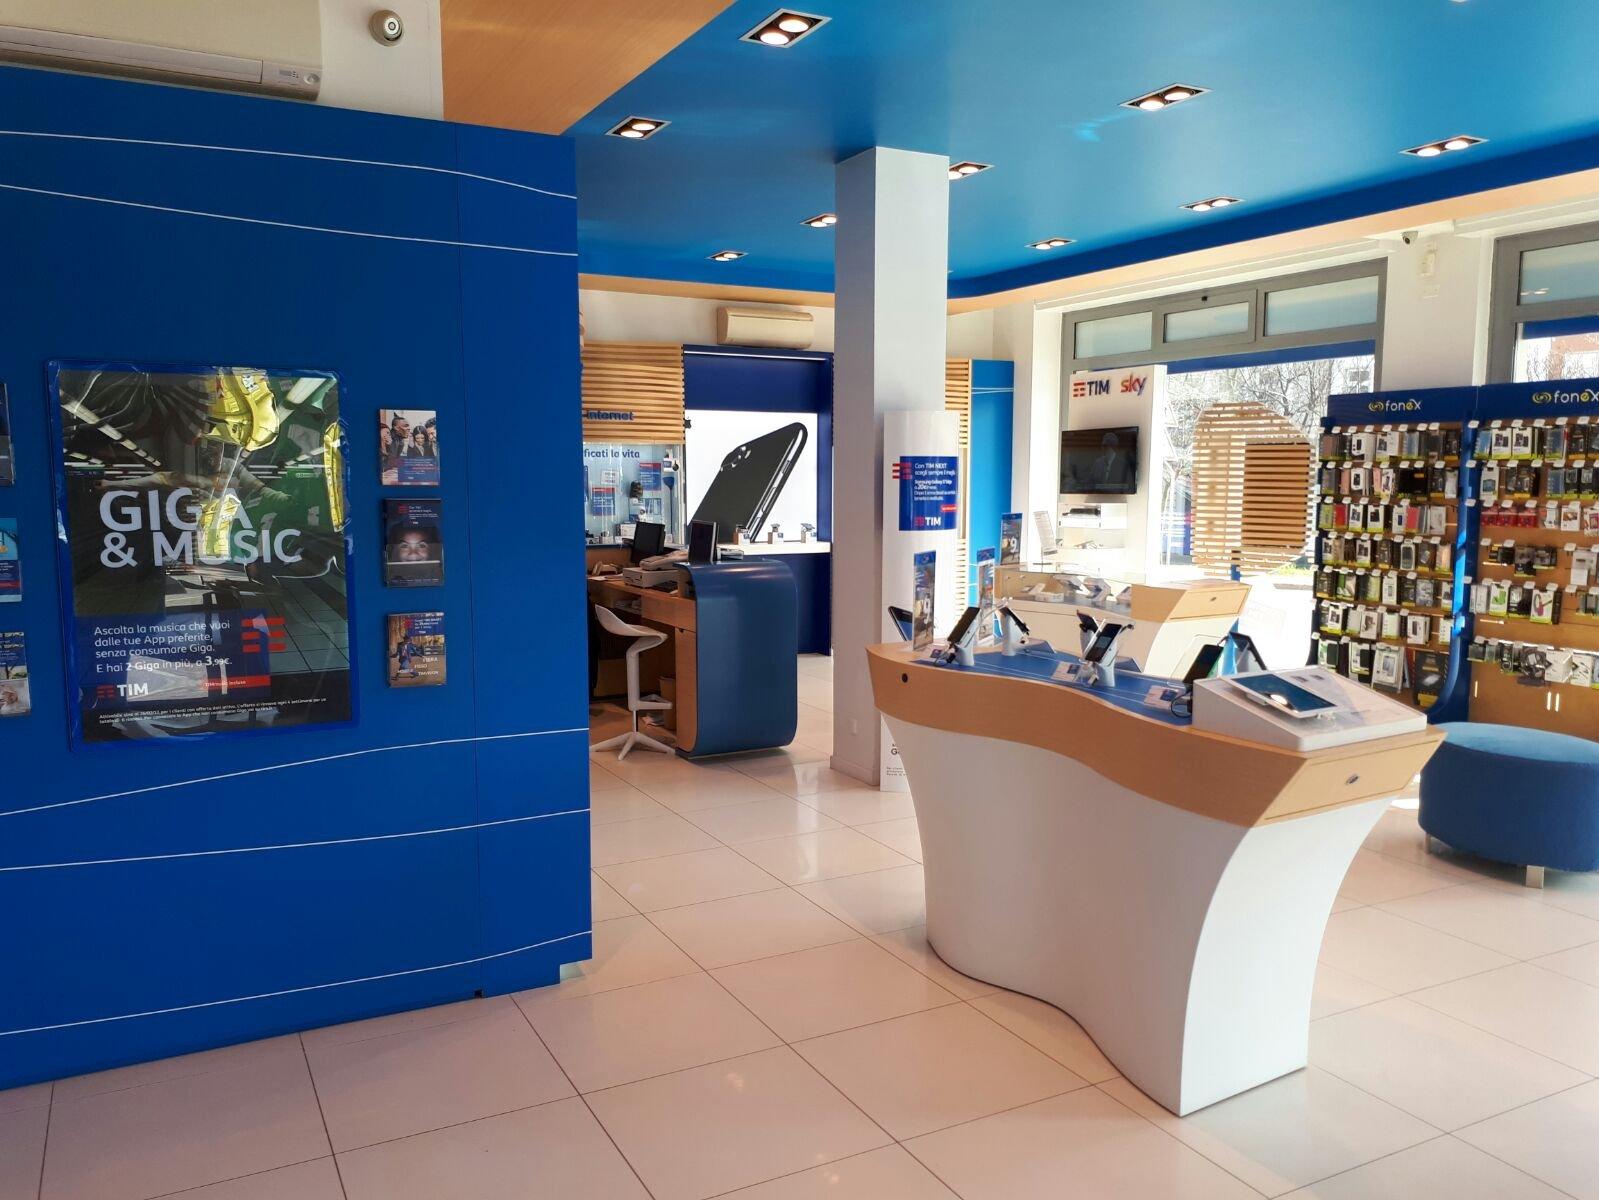 negozio di telefonia con pareti blu